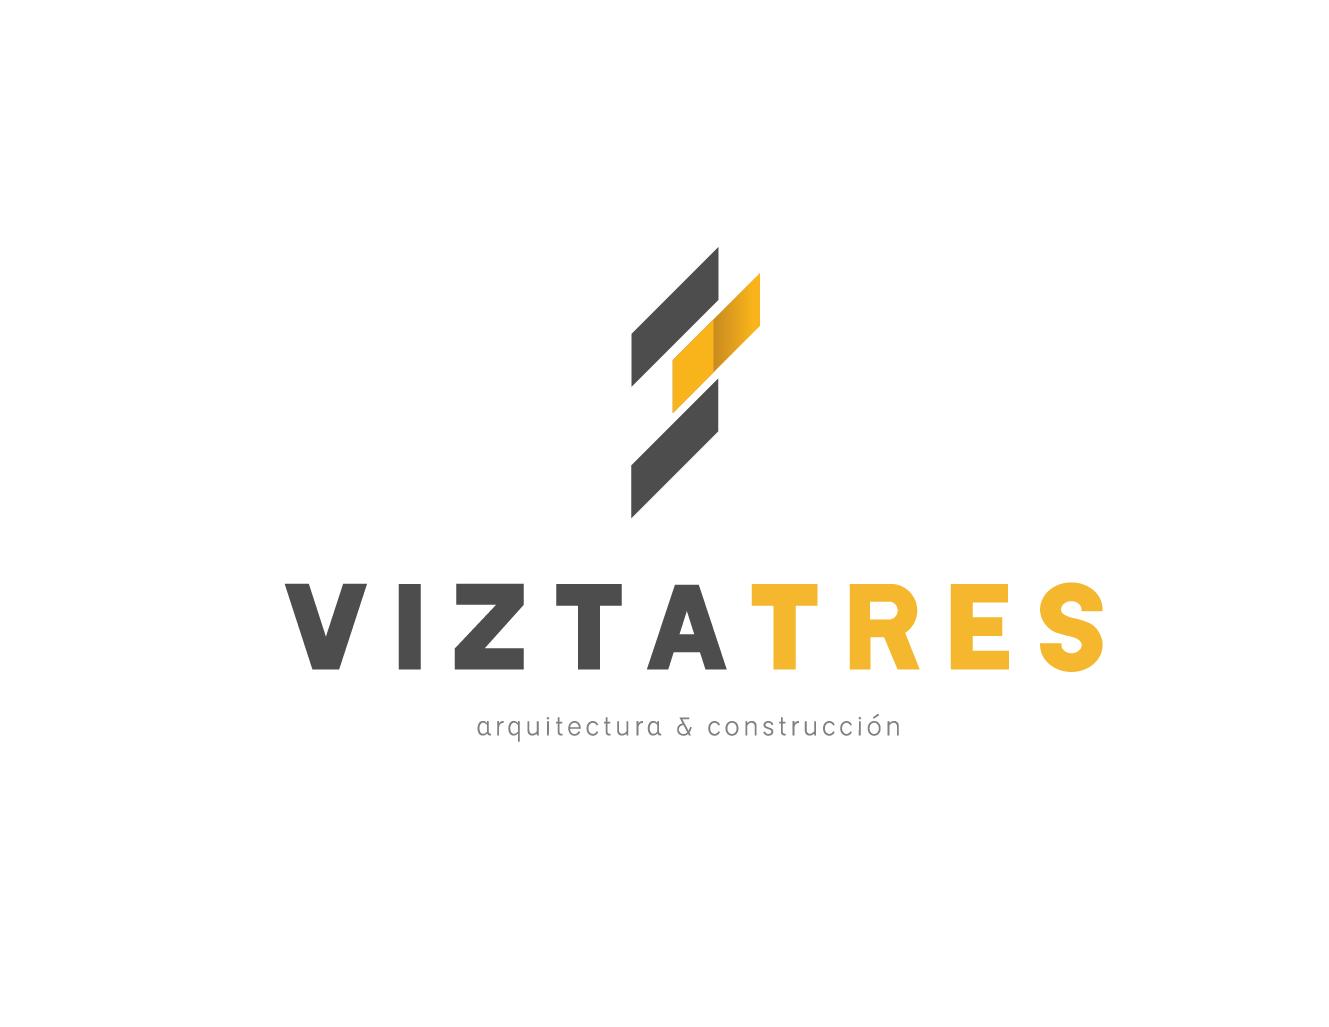 Viztatres